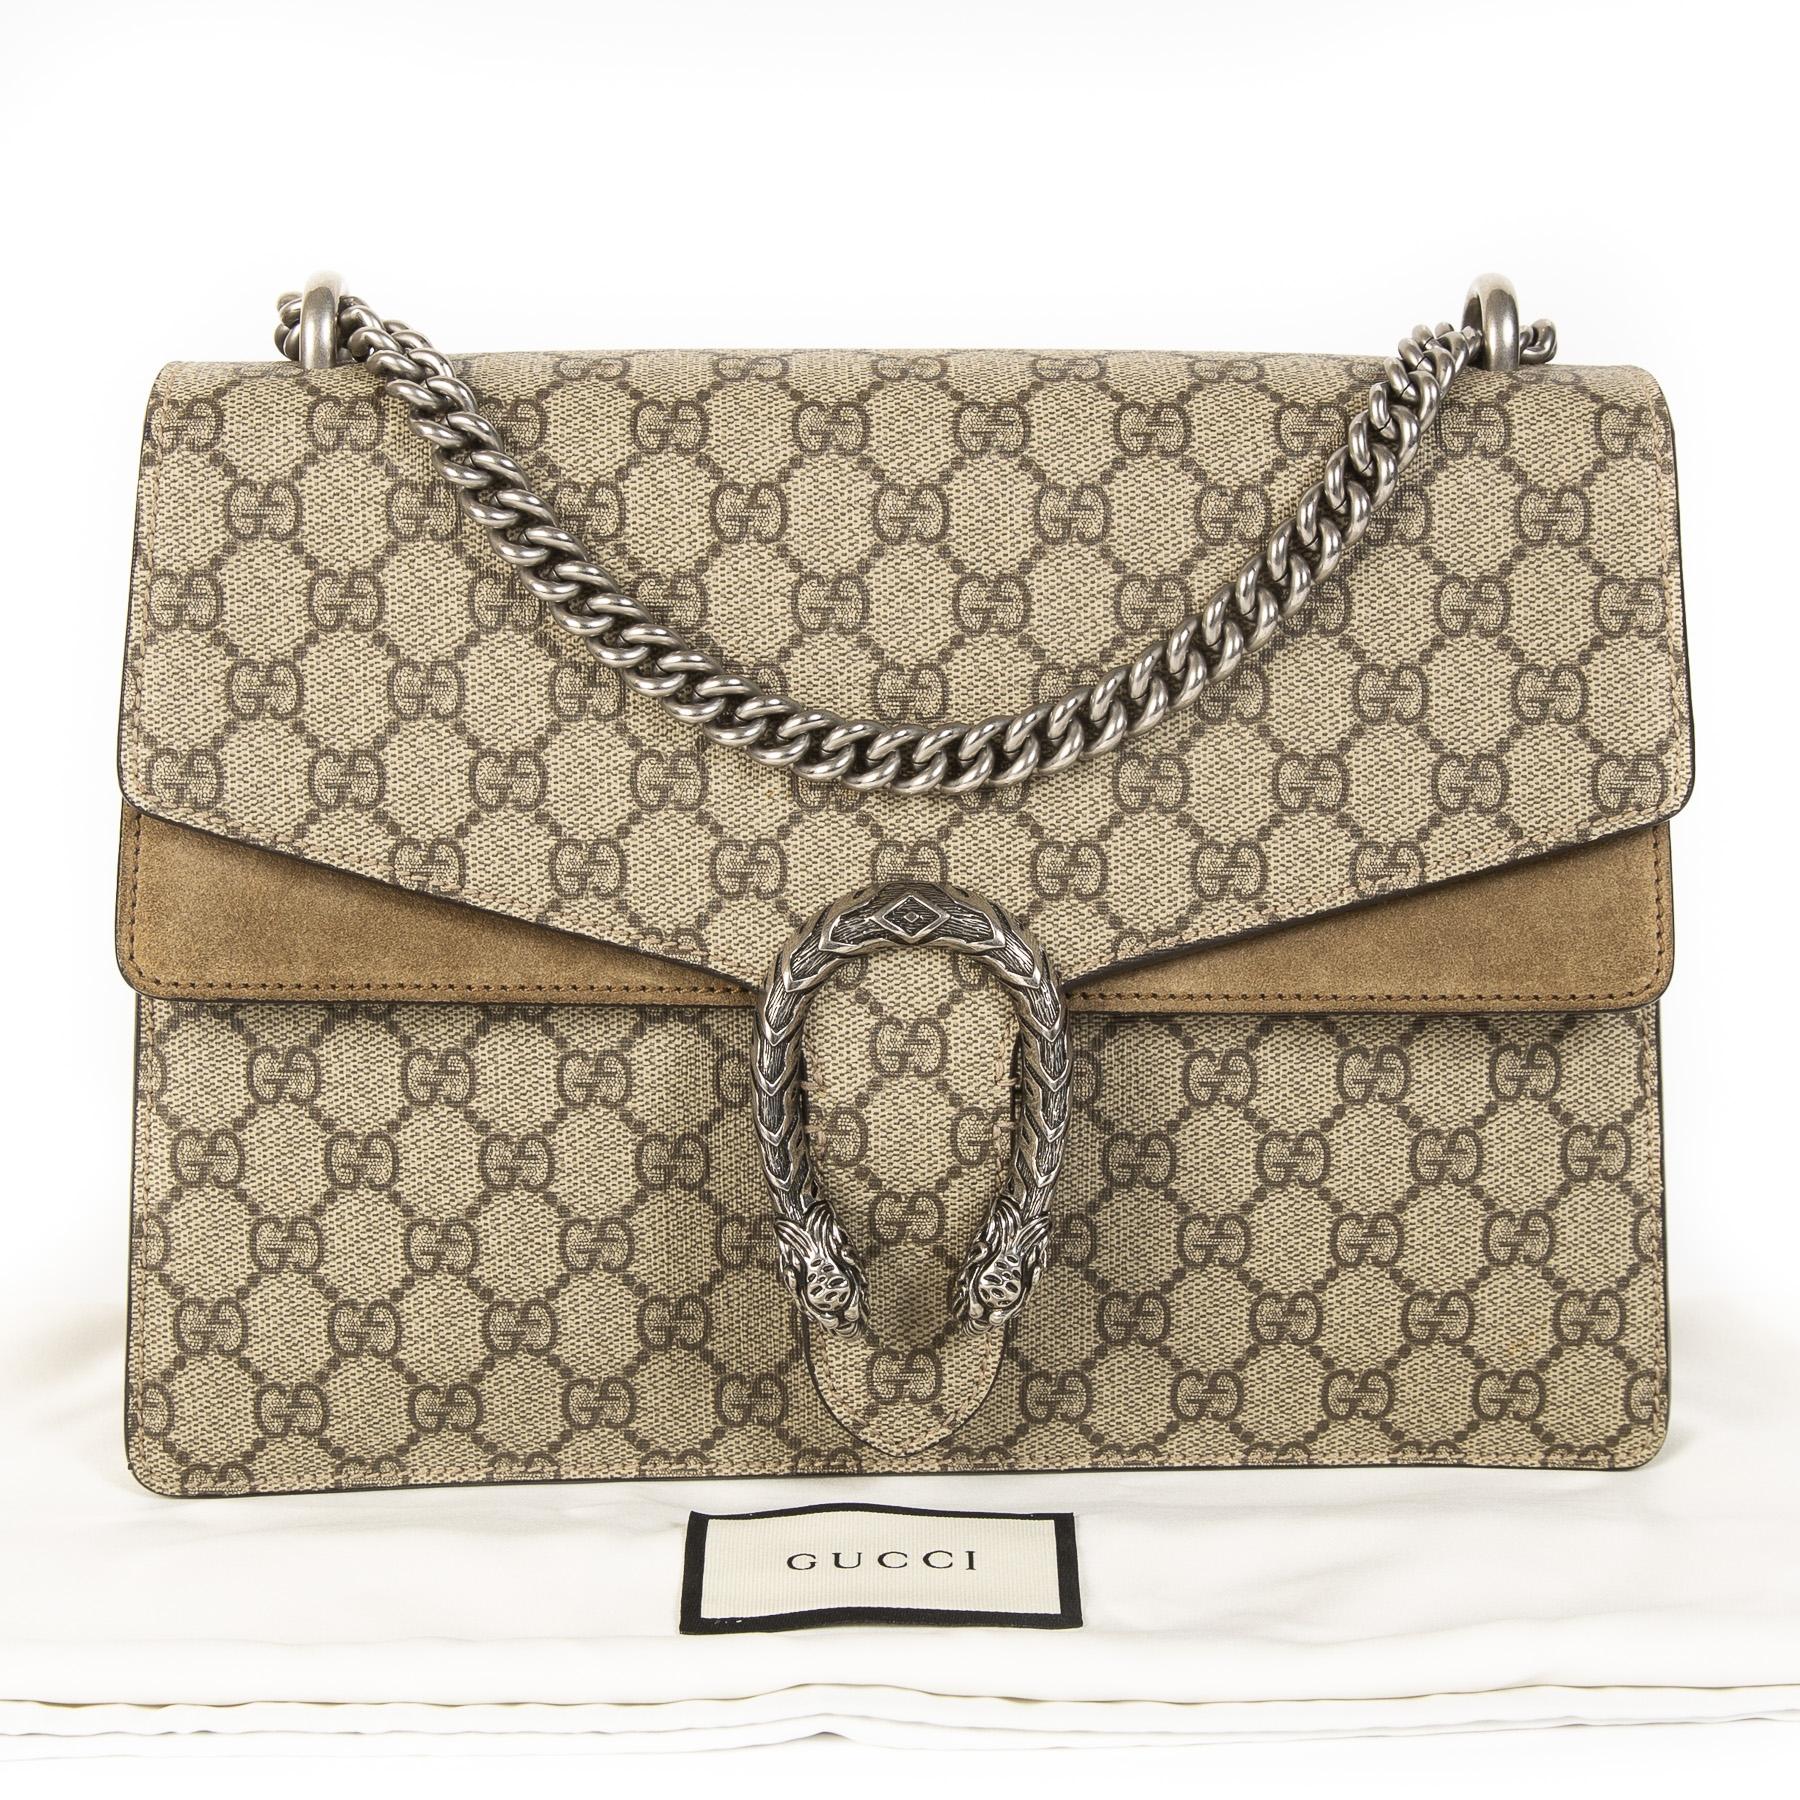 Koop een Gucci Dionysus schoudertas aan de juiste prijs bij LabelLOV vintage webshop.